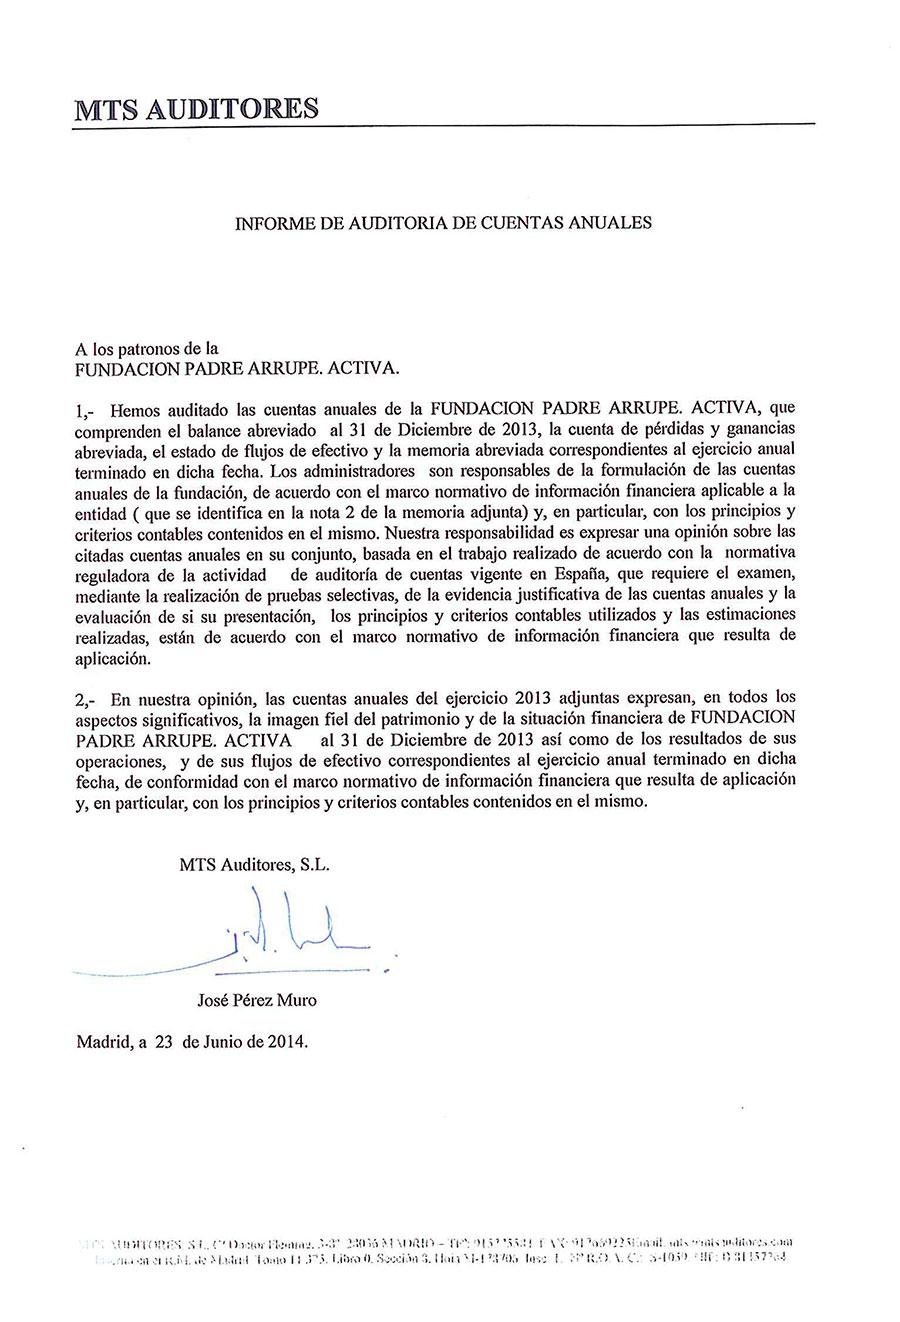 Informe-de-auditoria-2013-2